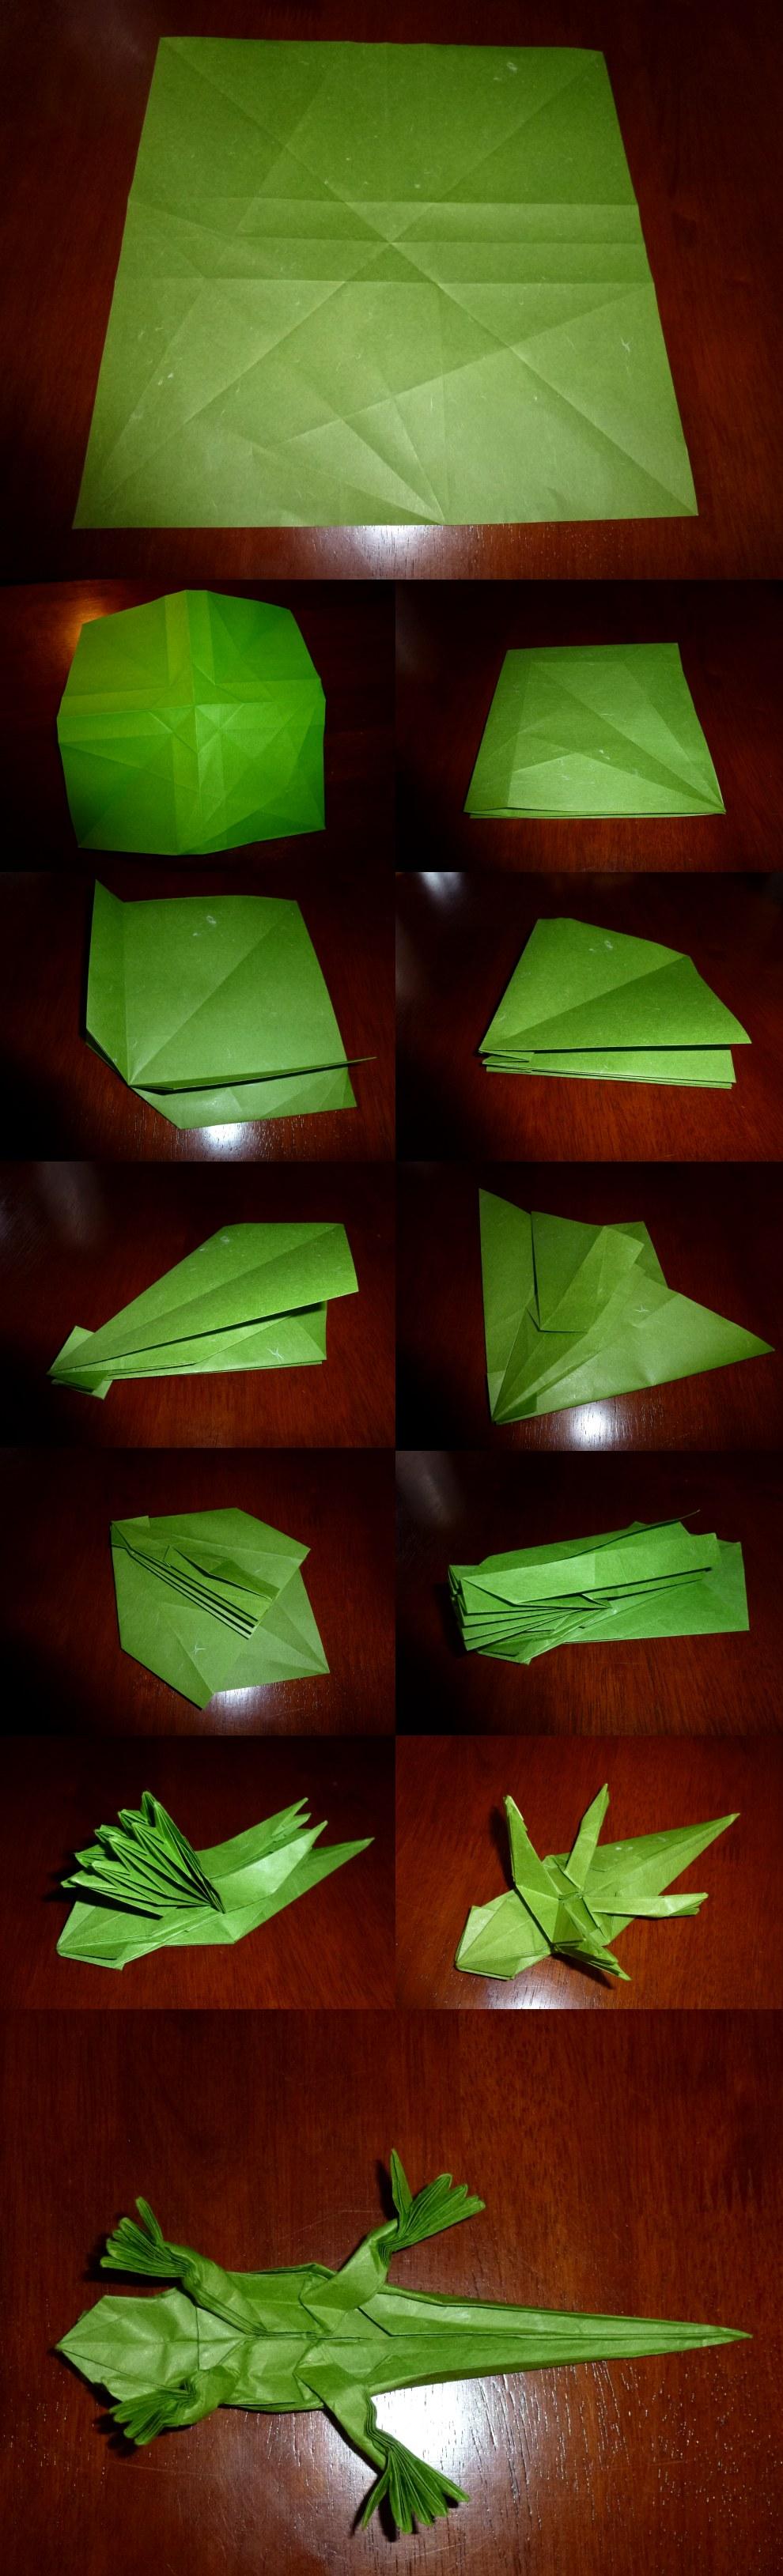 Origami+lizard: Bilder, Stockfotos und Vektorgrafiken | Shutterstock | 3258x990